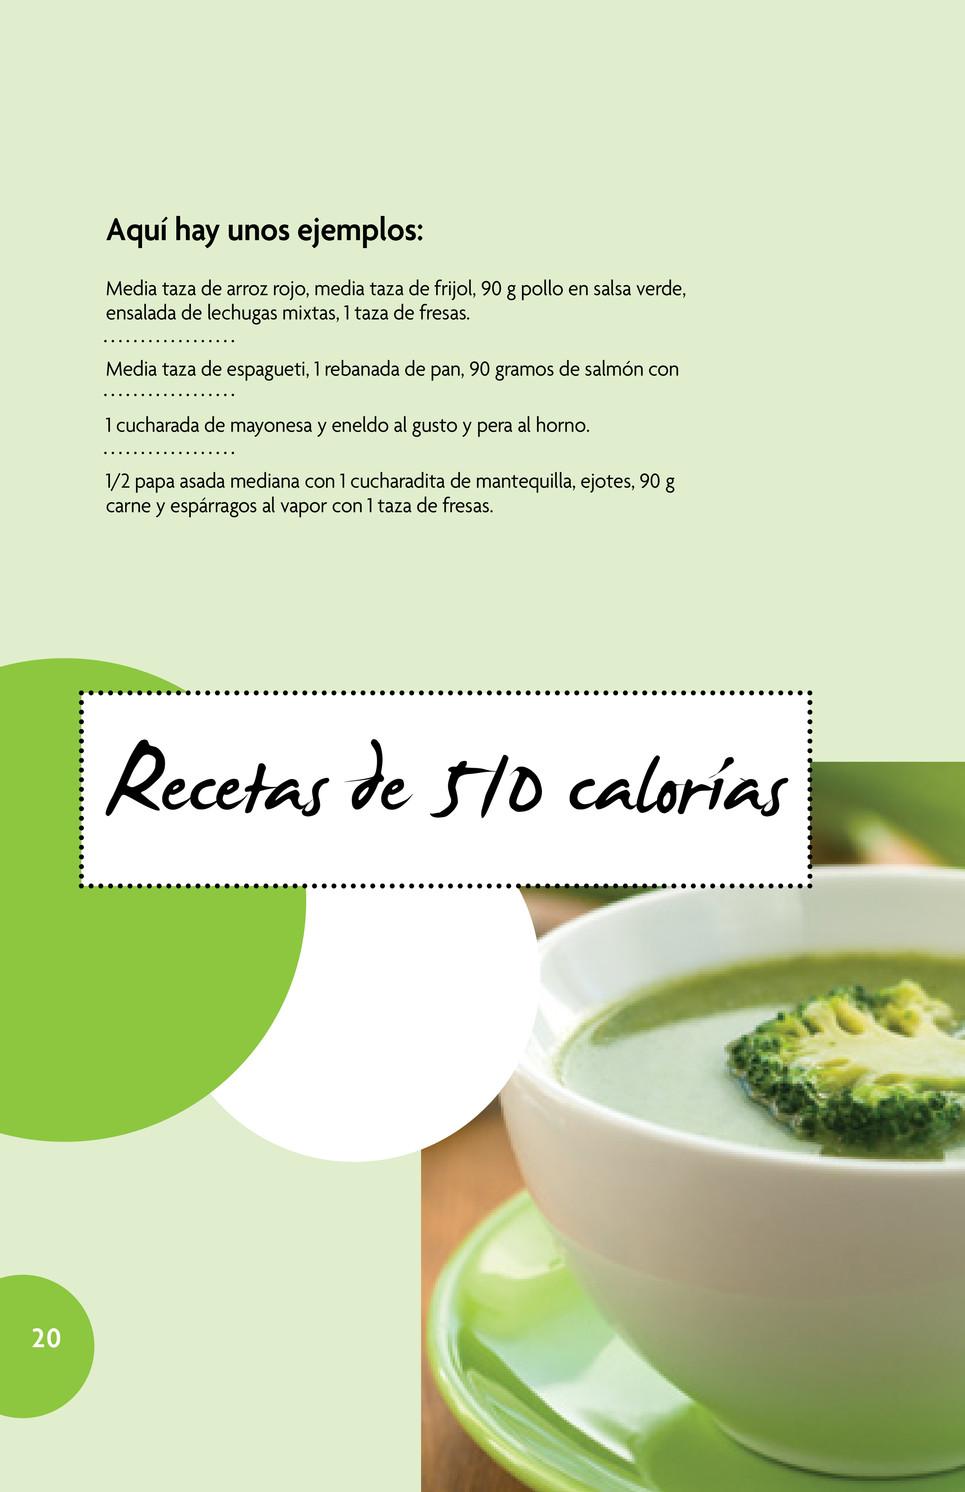 frijol verde para bajar de peso